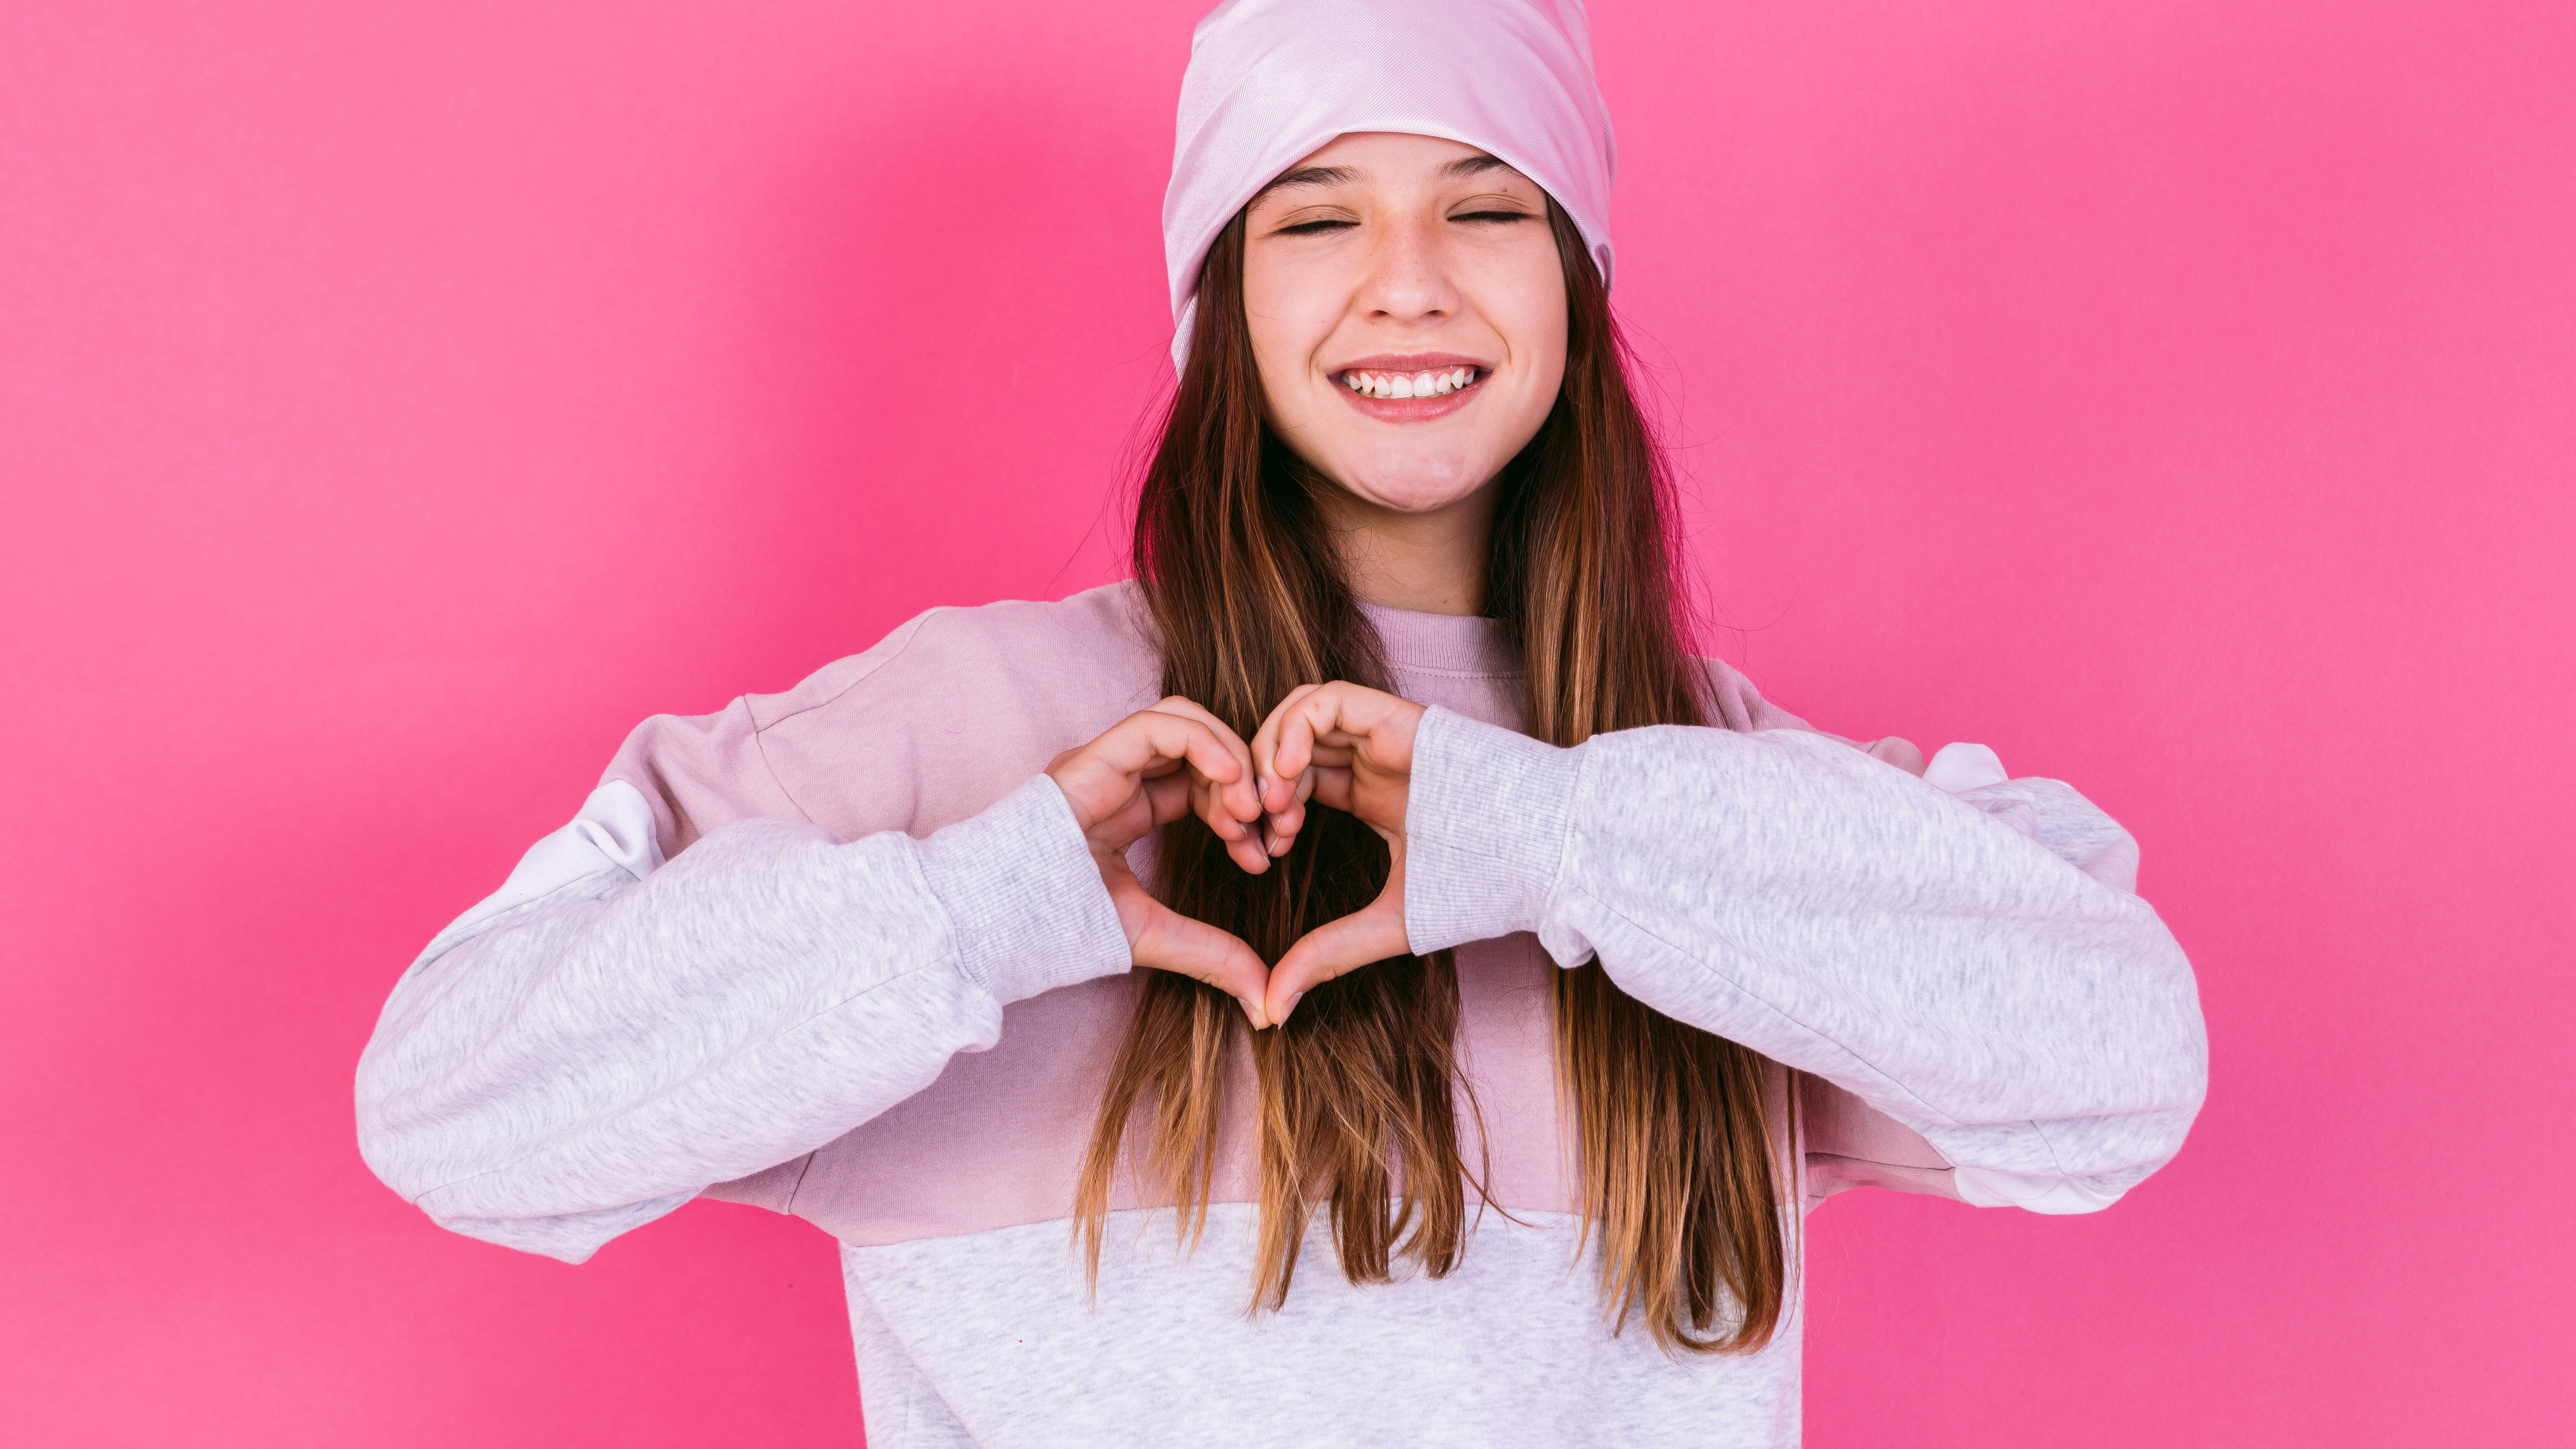 In der Pubertät spielen die Hormone verrückt - viele Teenager verlieben sich in ihren Lehrer.